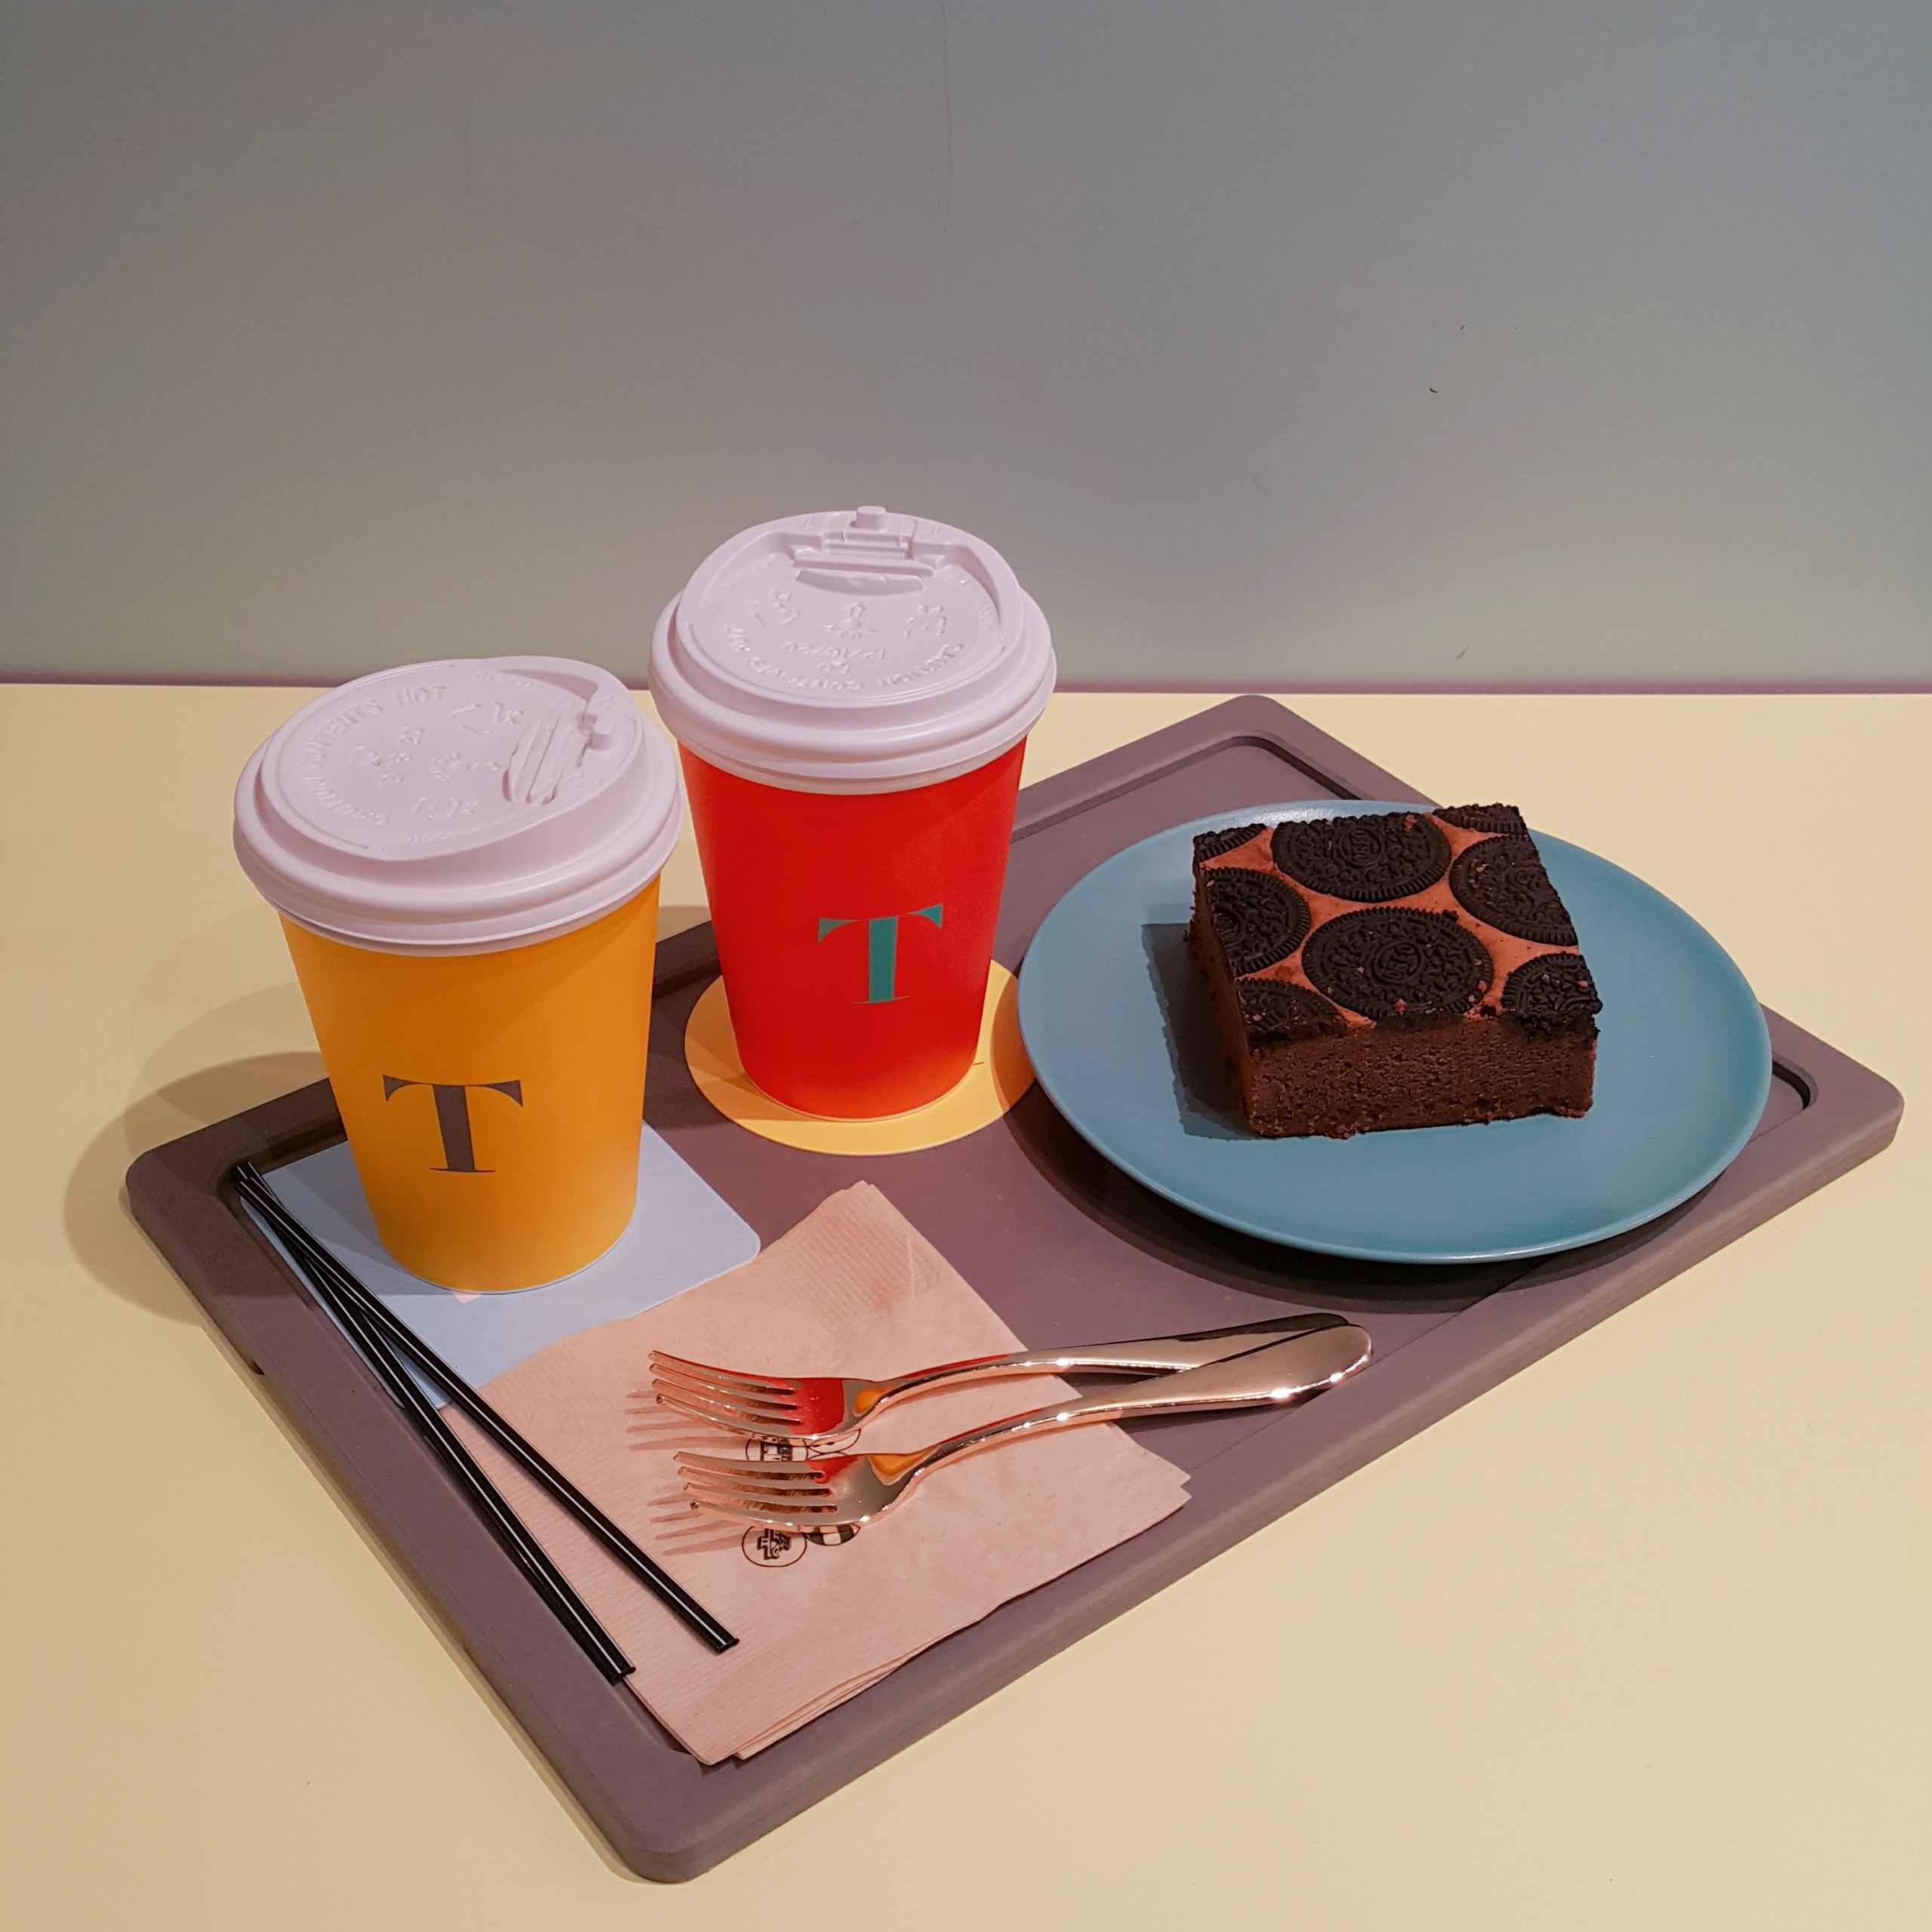 咖啡廳當然不能不提他的咖啡和食物!餐具的配色也是超級有心的,味道也很有水準~